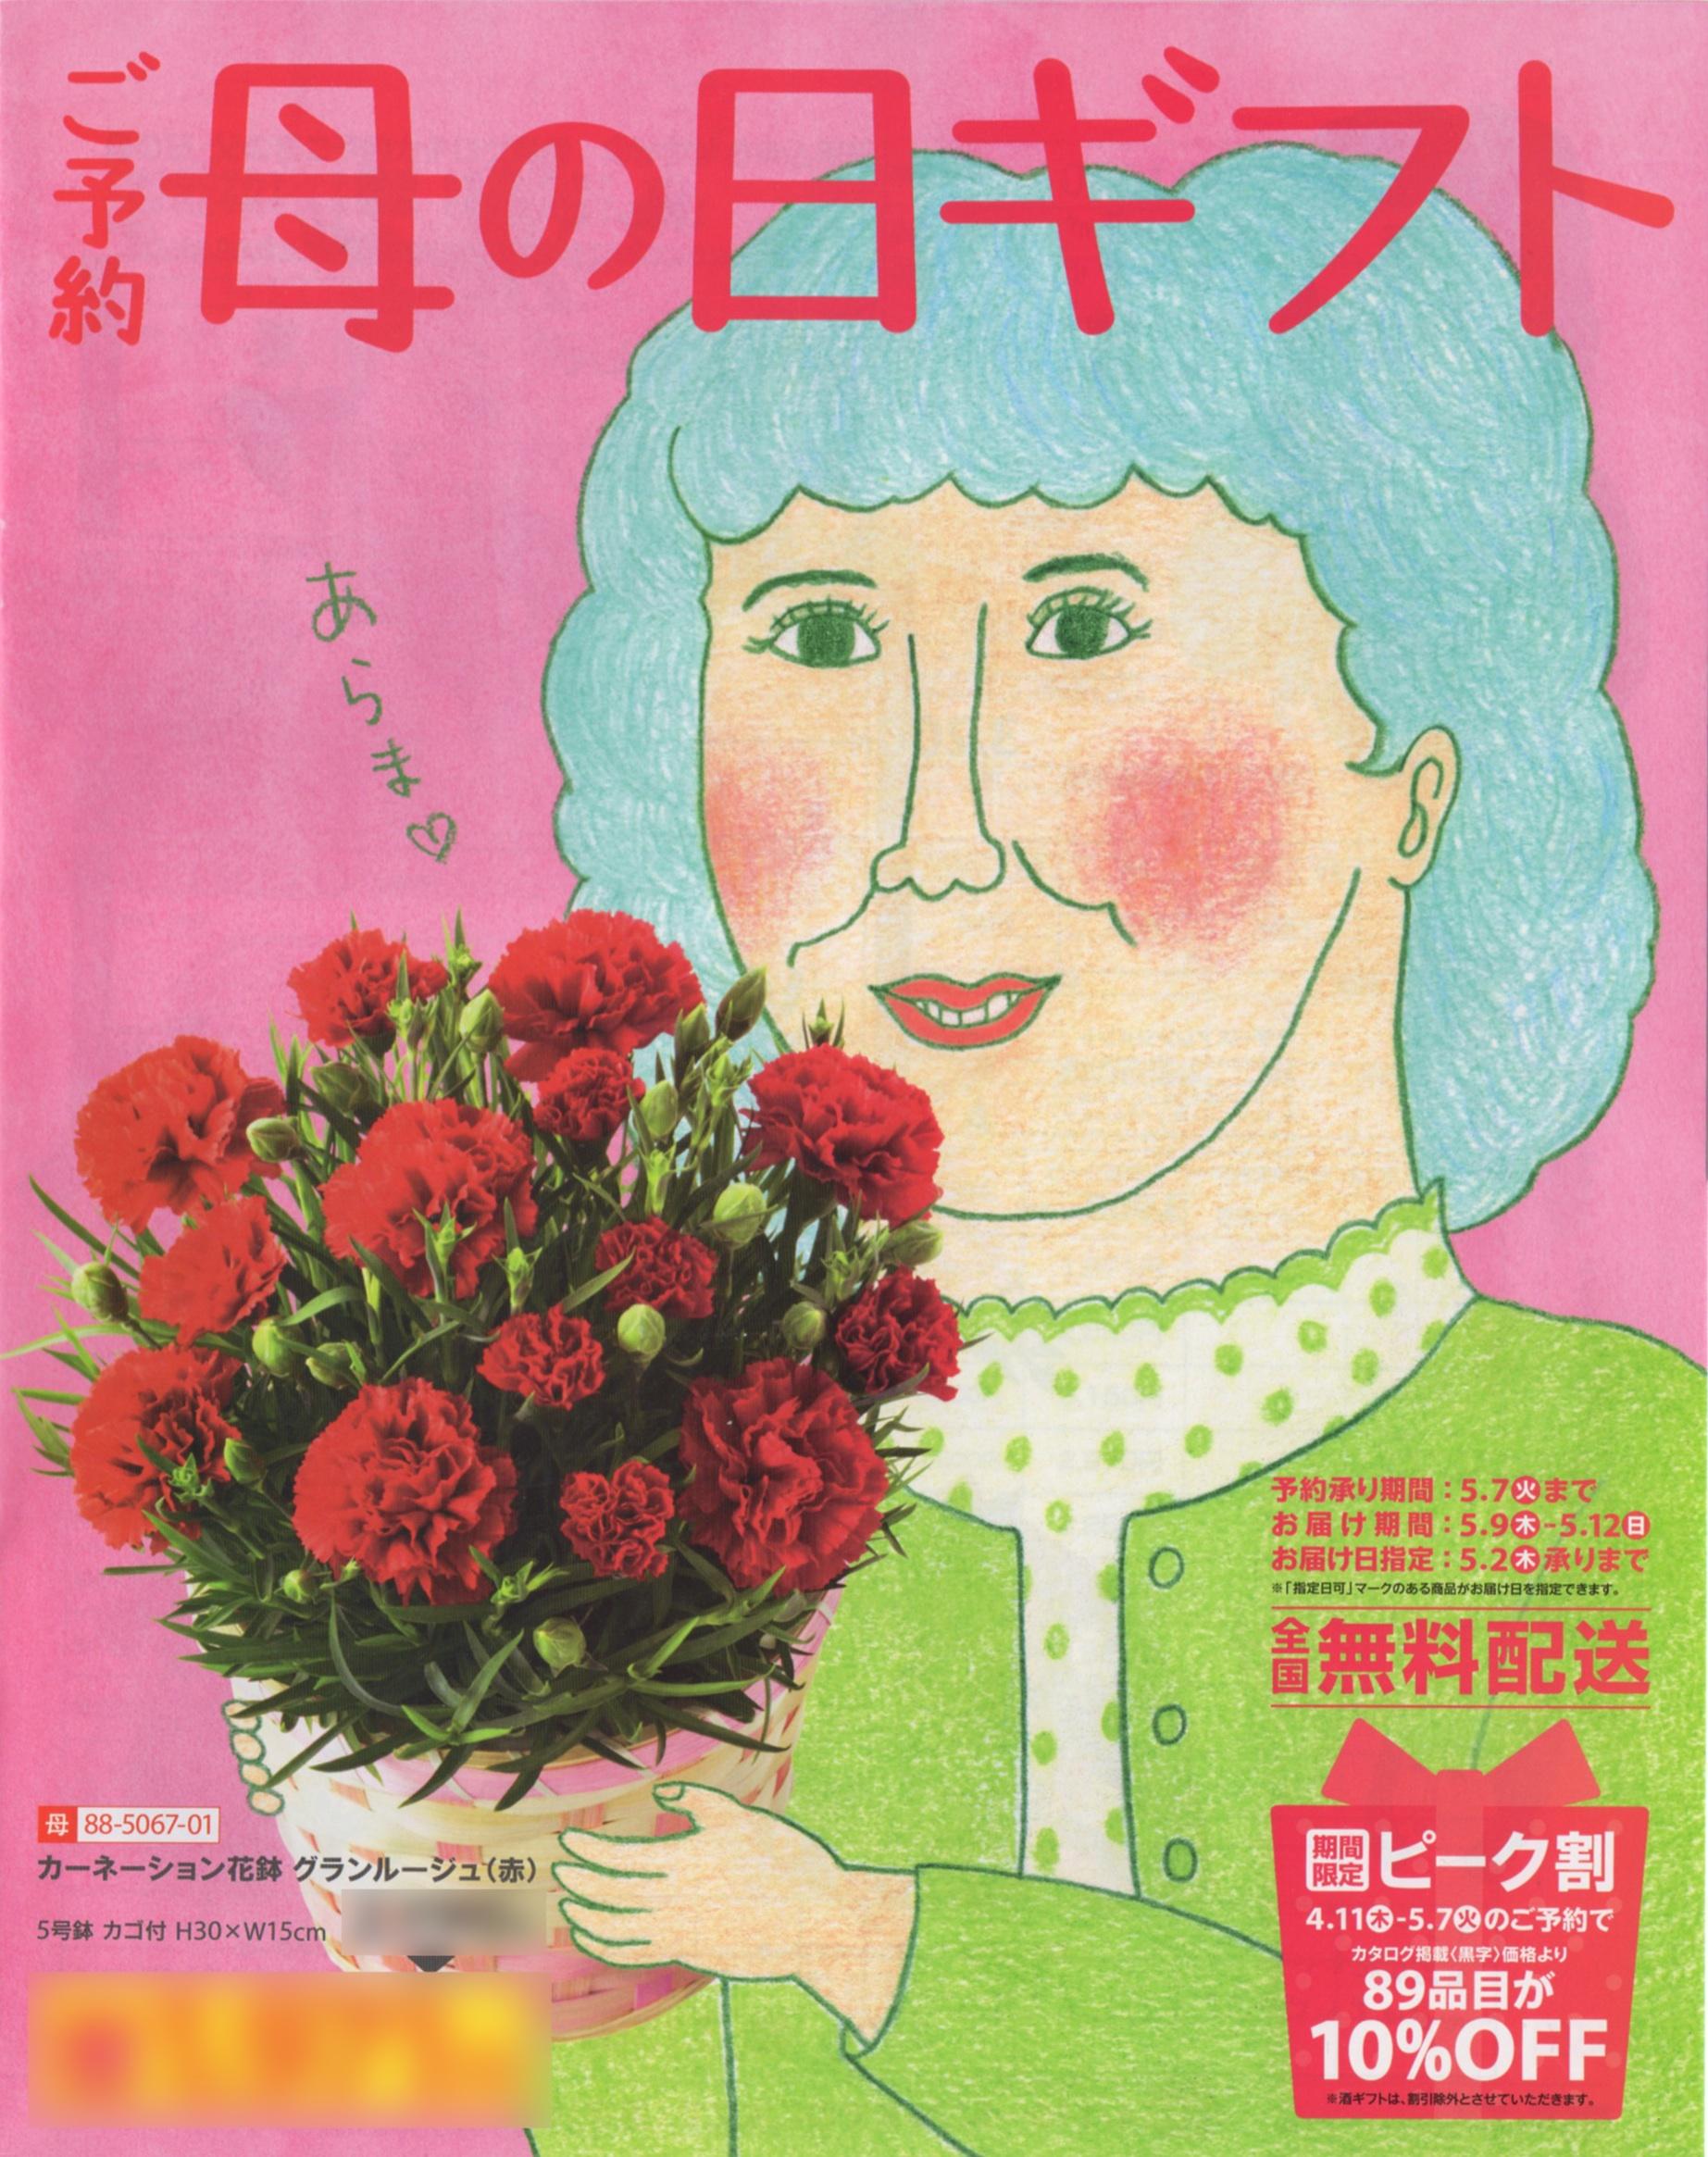 SEIYU母の日カタログ2013